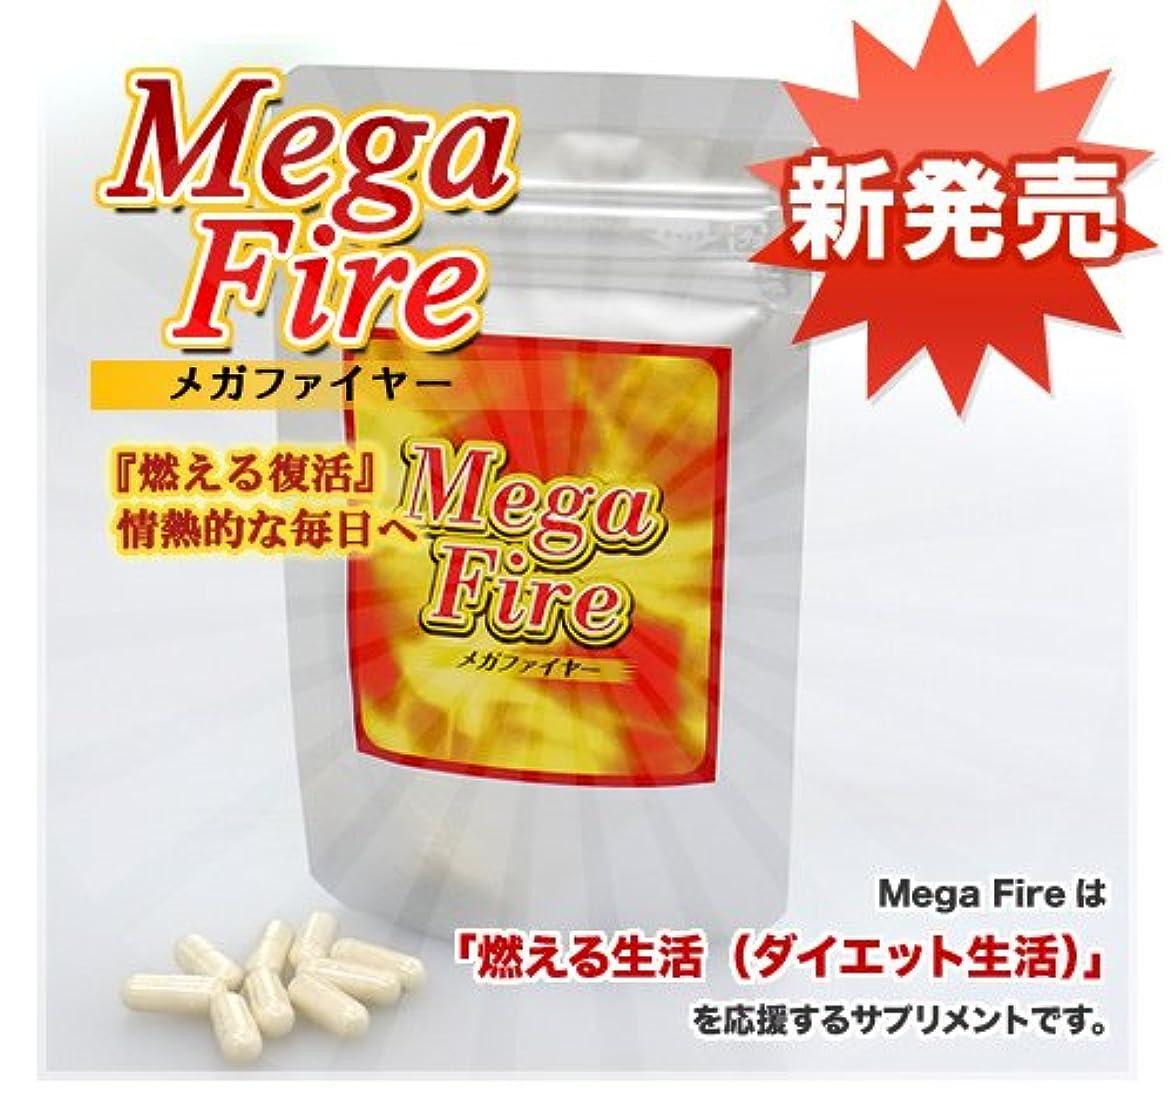 腸悲しむ観察するMegaFire(メガファイヤー)3ヶ月セット